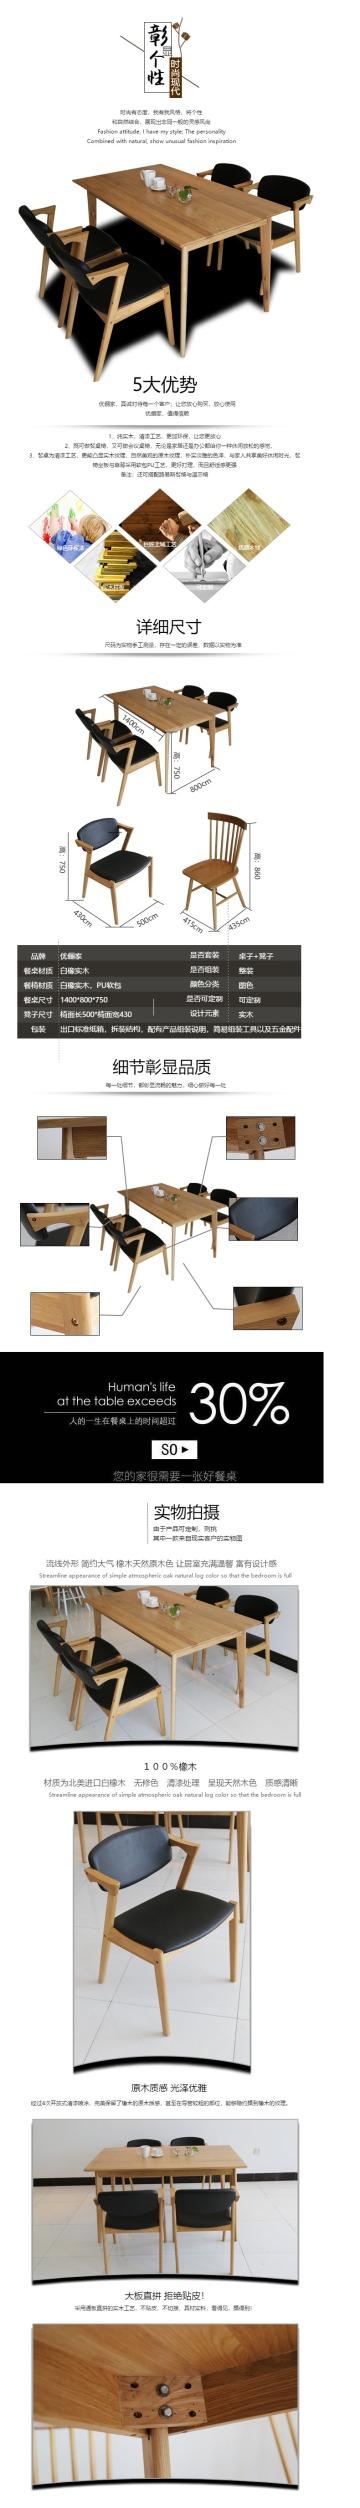 时尚现代实木桌椅电商详情页